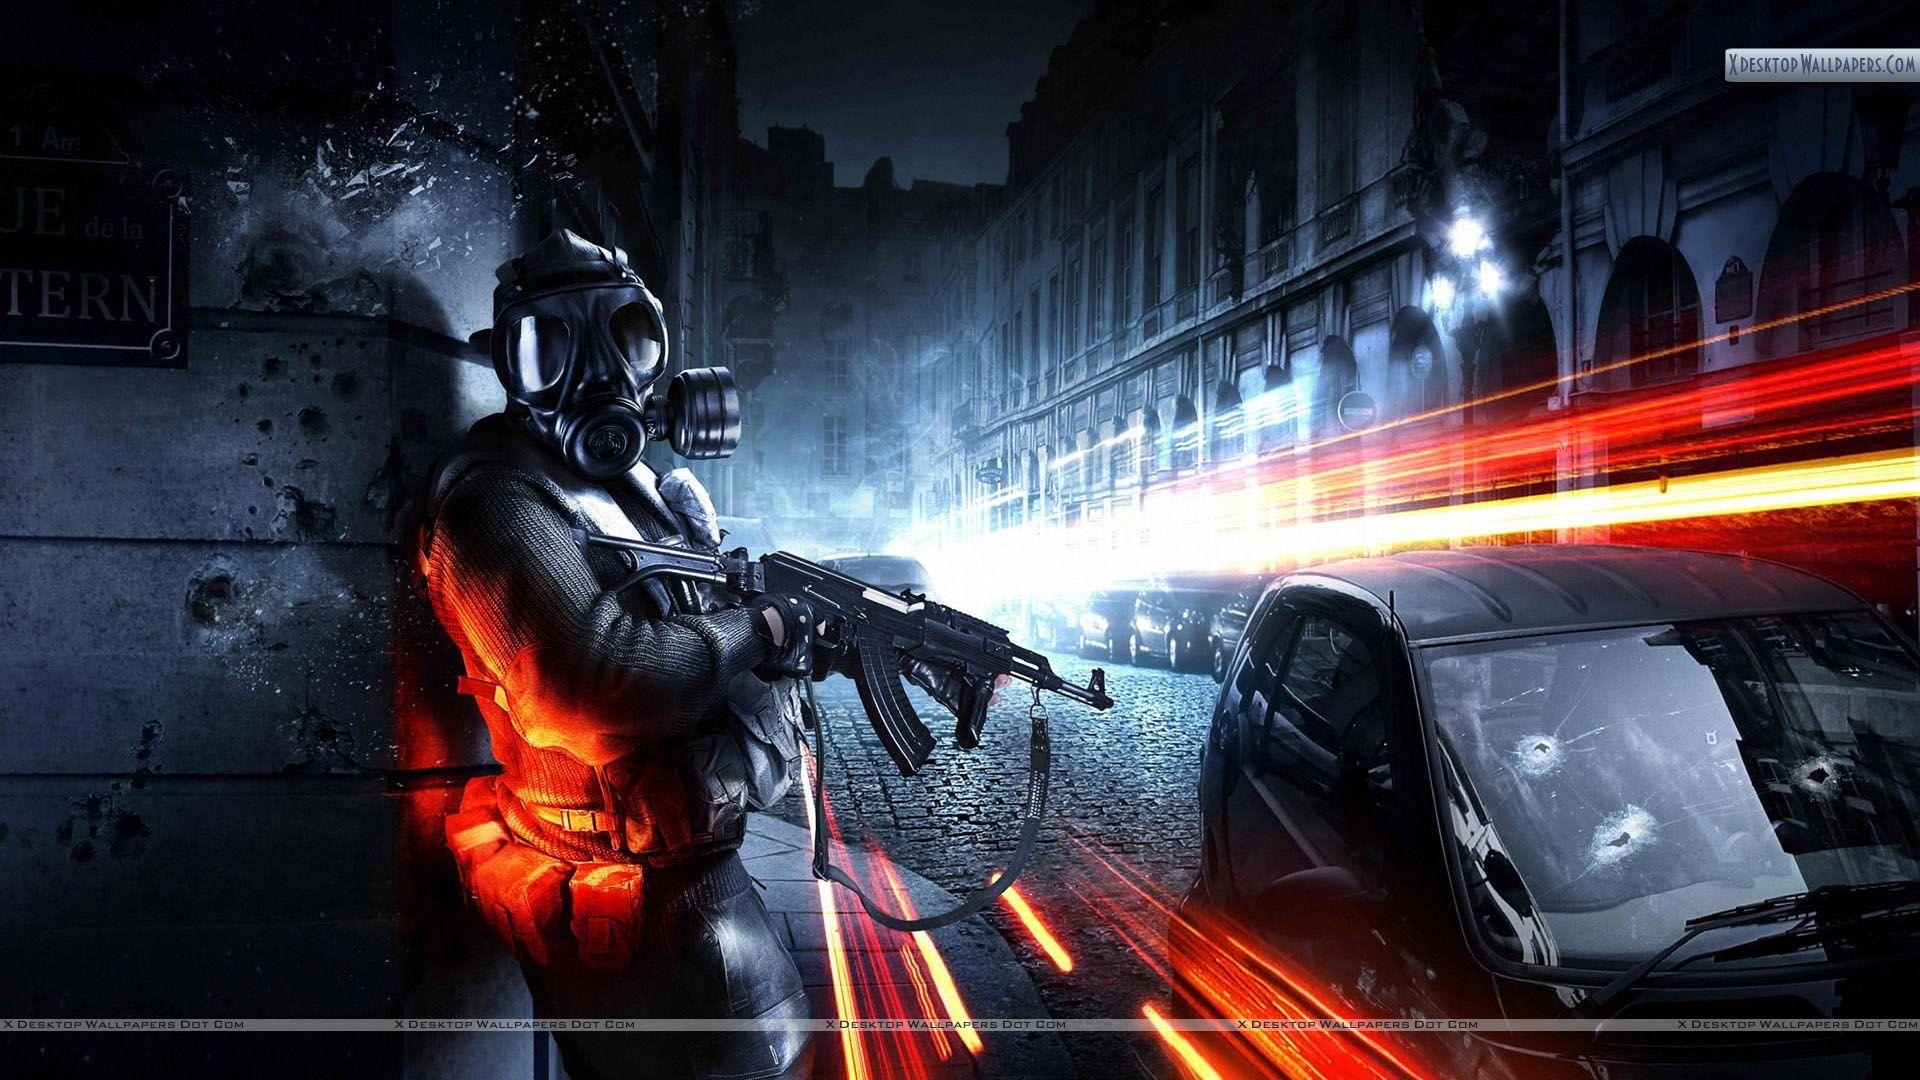 video games clouds war battle fire dice ammunition artwork